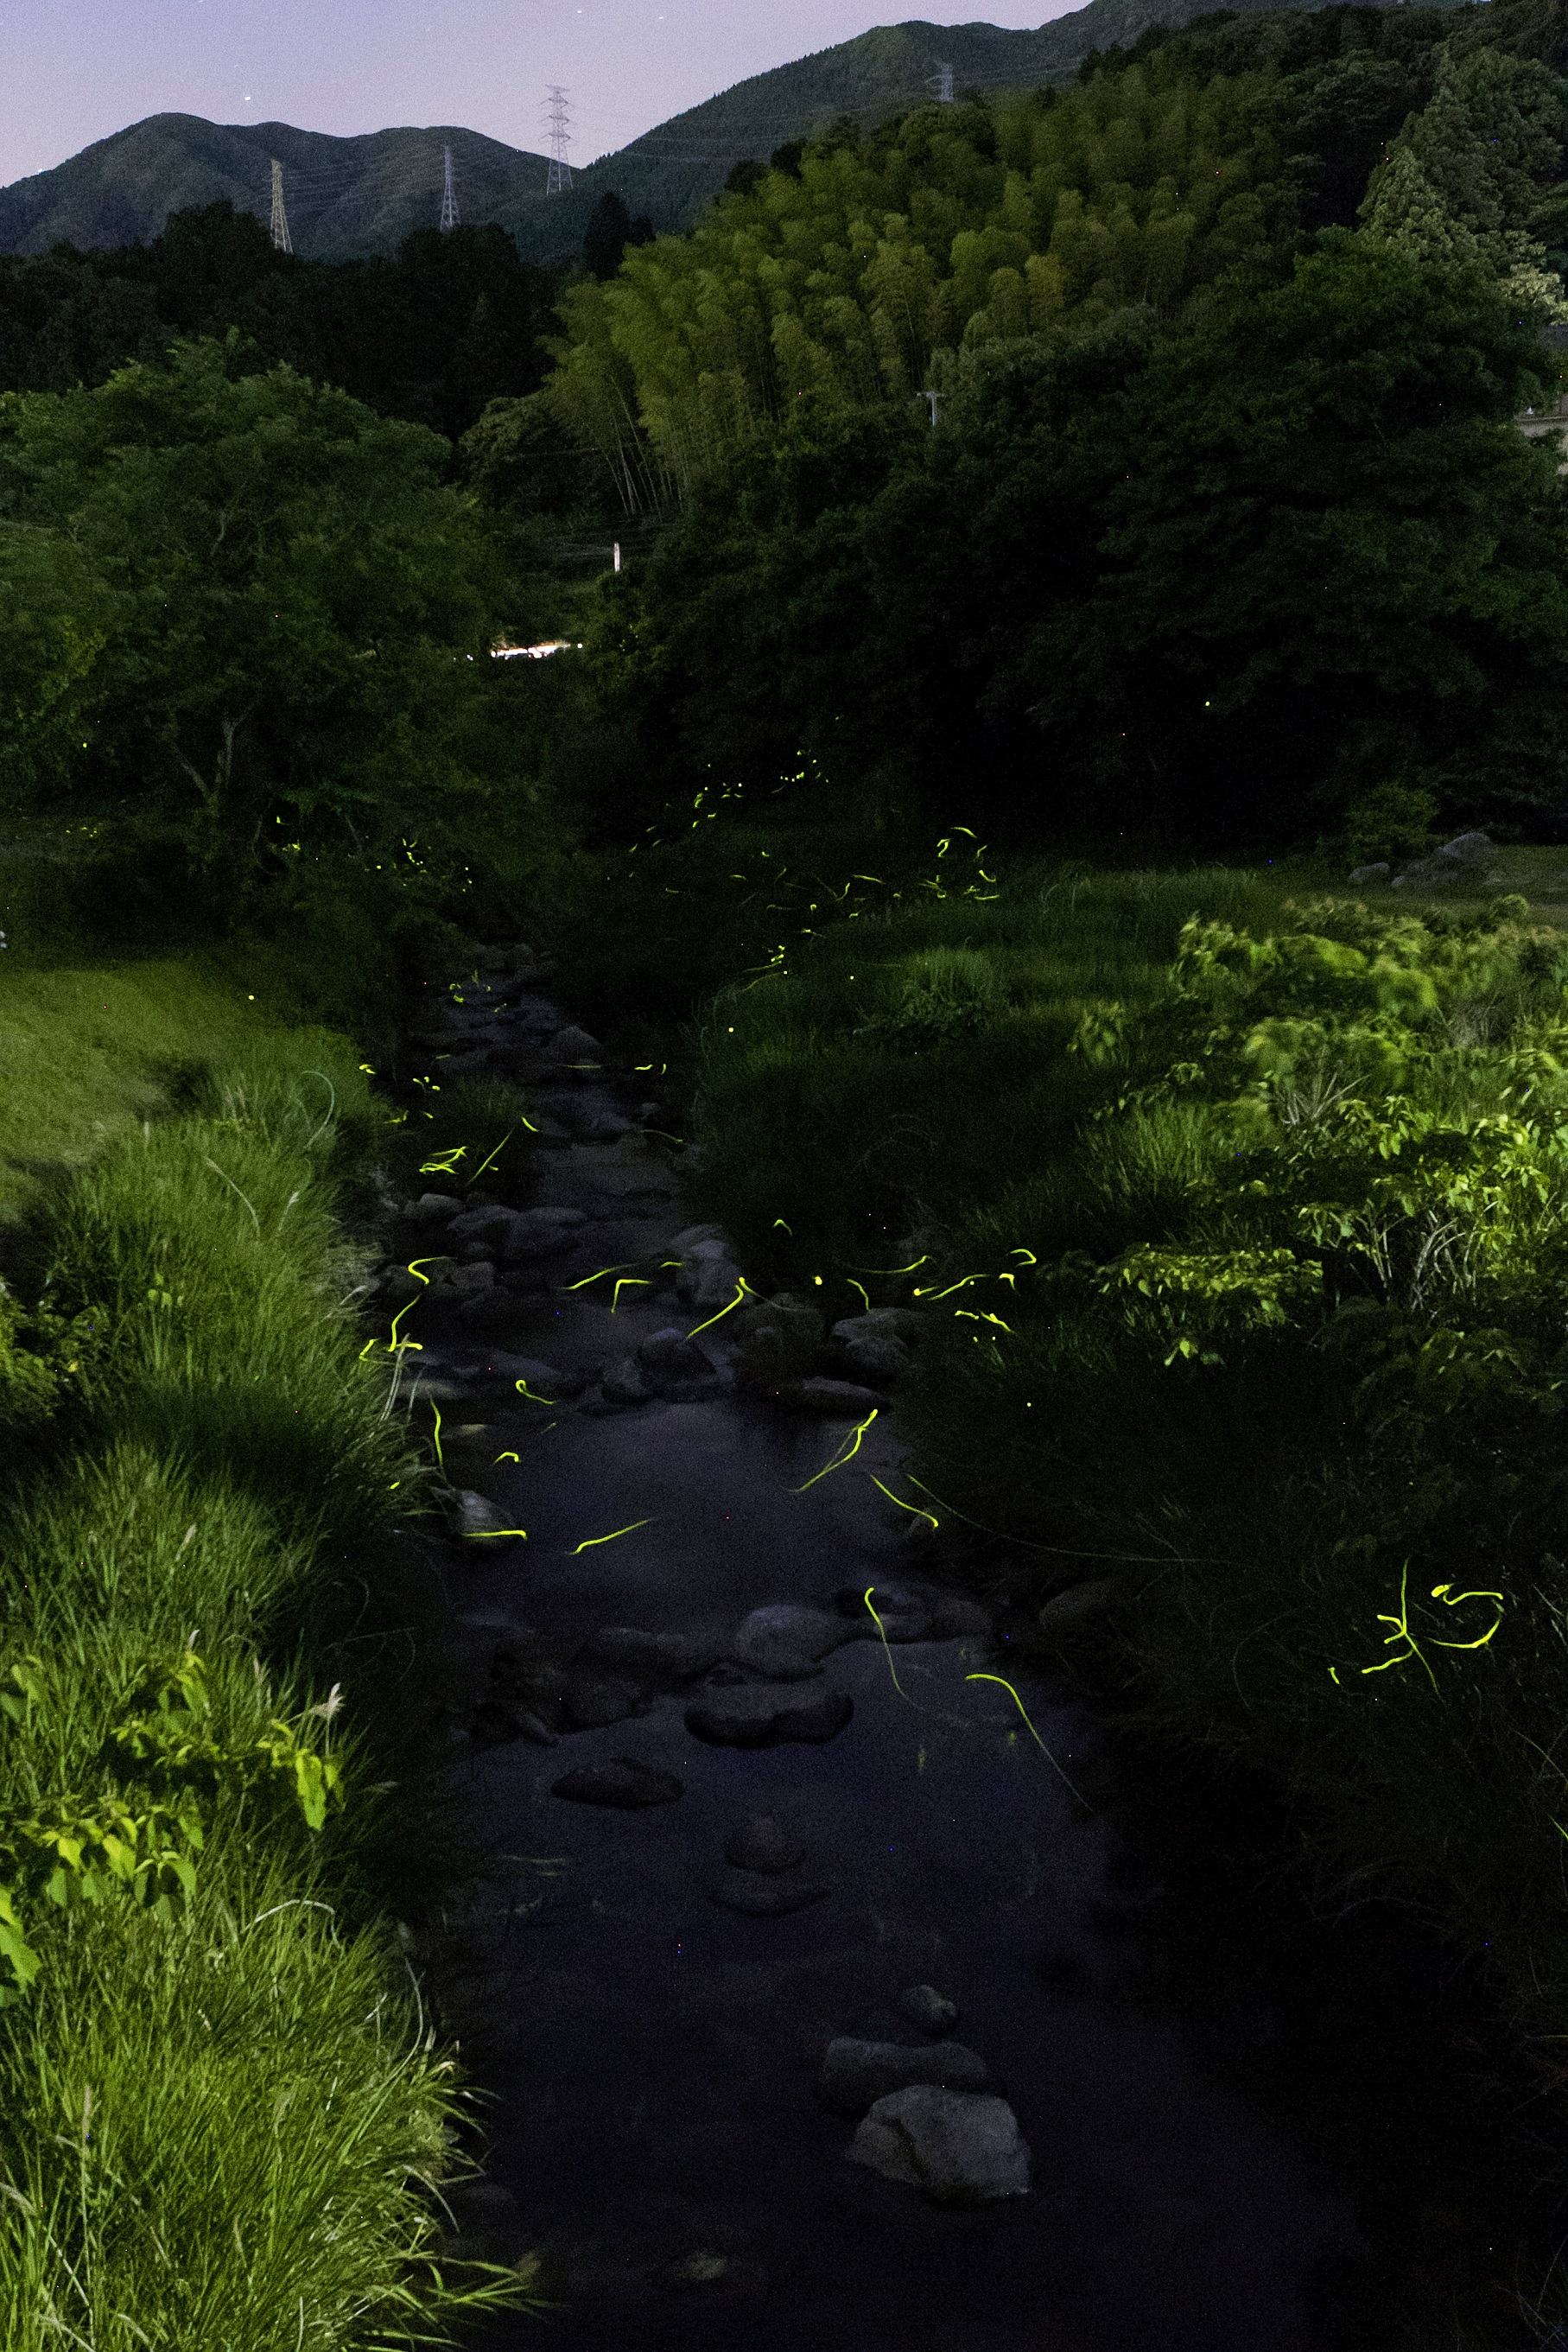 ホタル(石釜)(2015)の画像